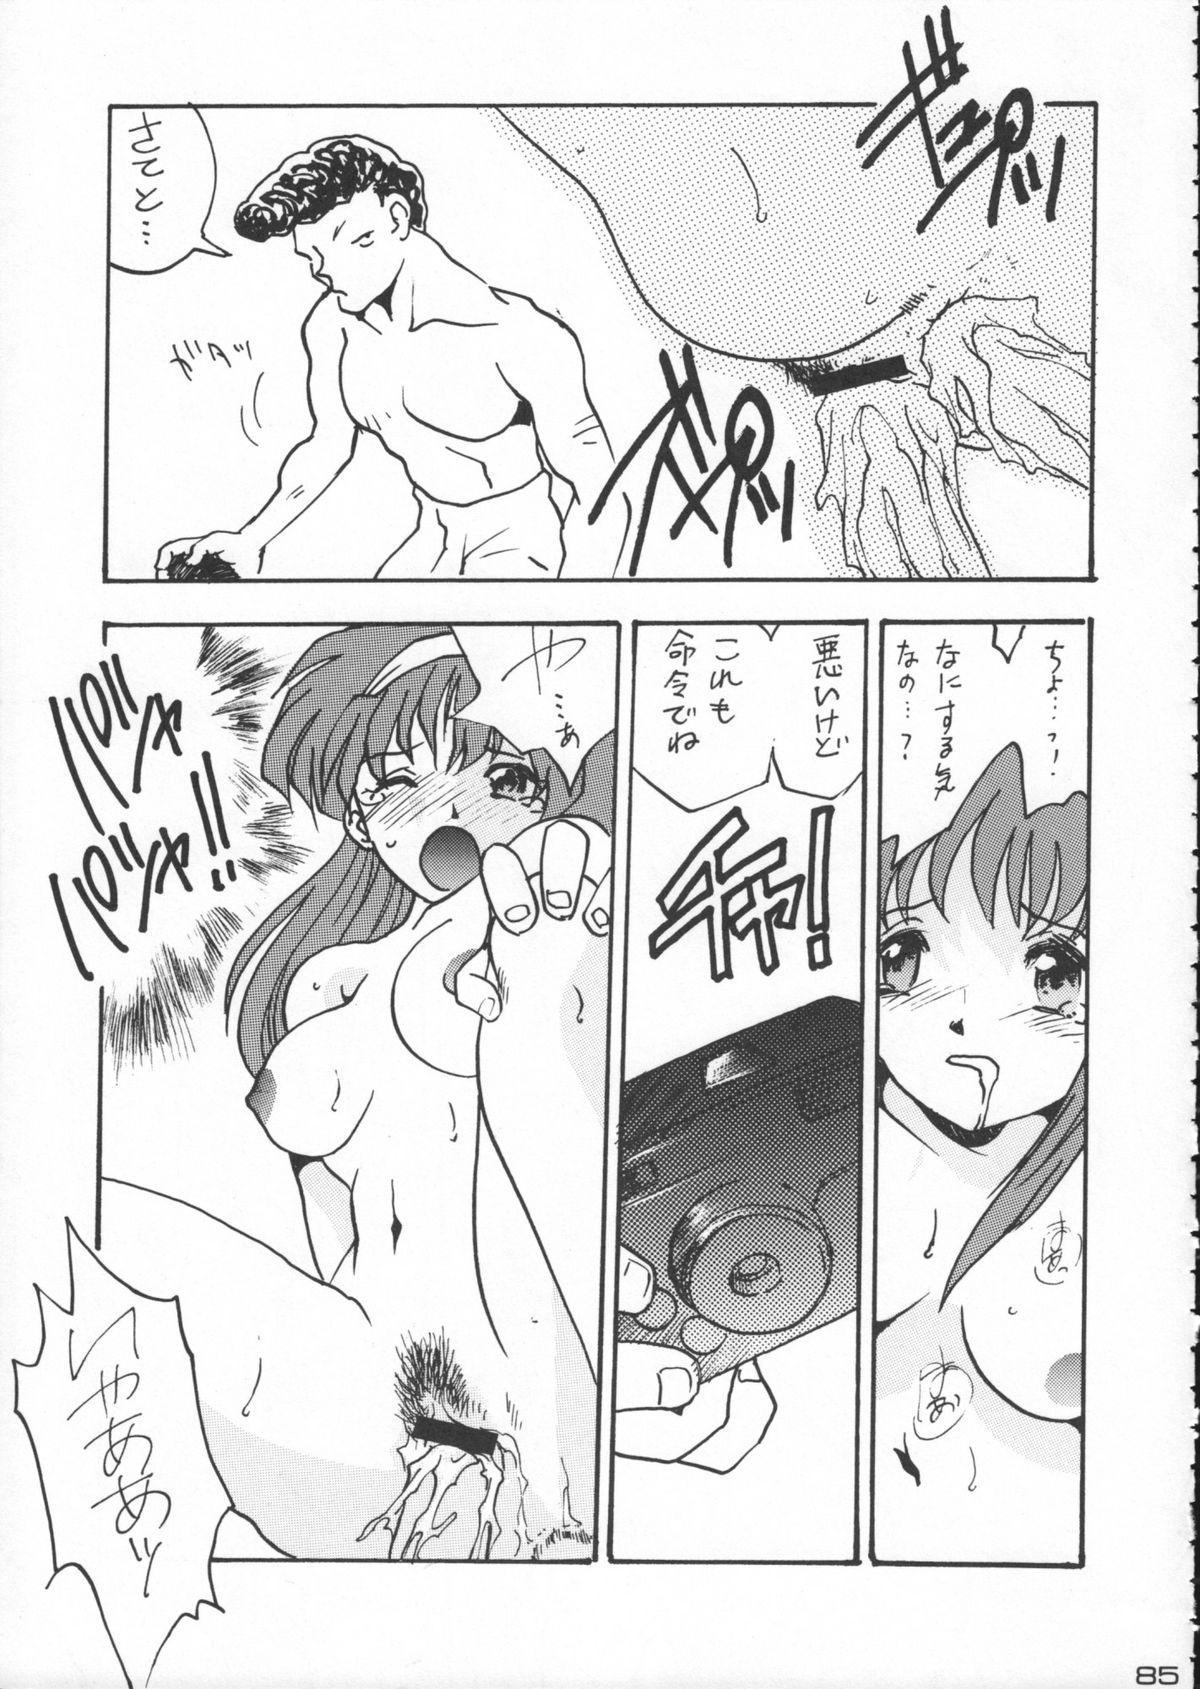 Godzilla vs Curry Aji 85